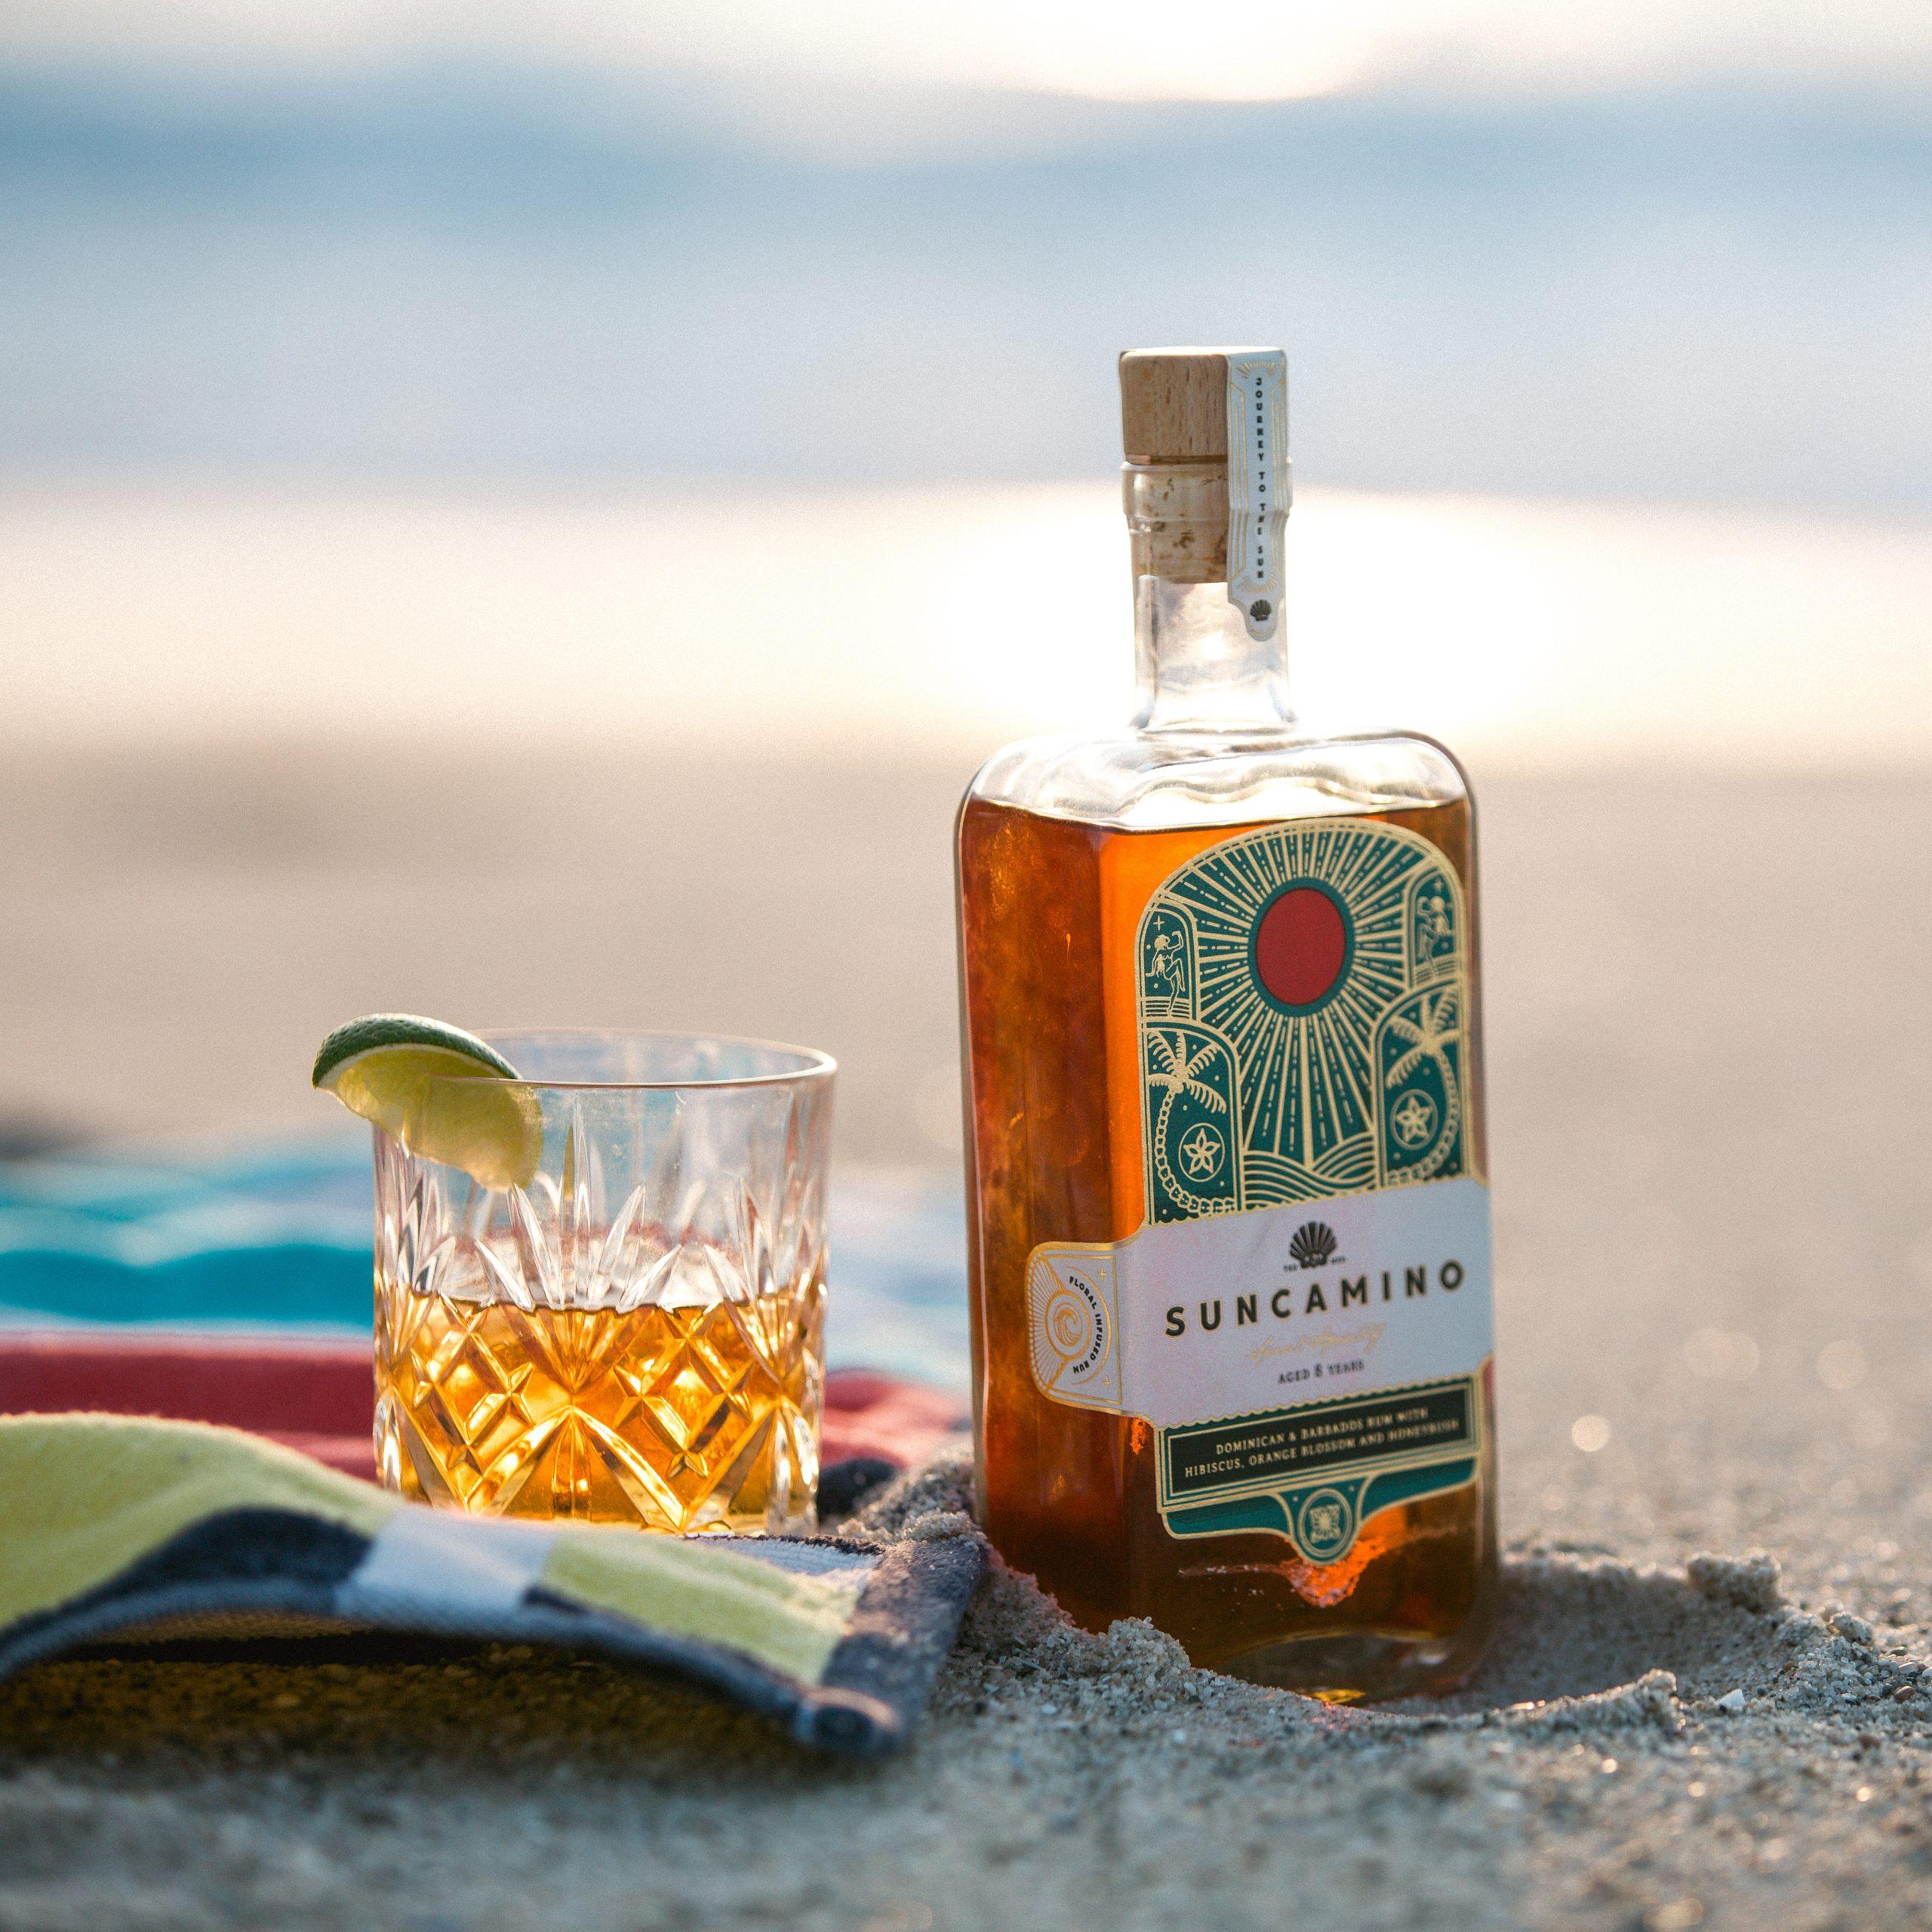 Suncamino Rum tropical rum